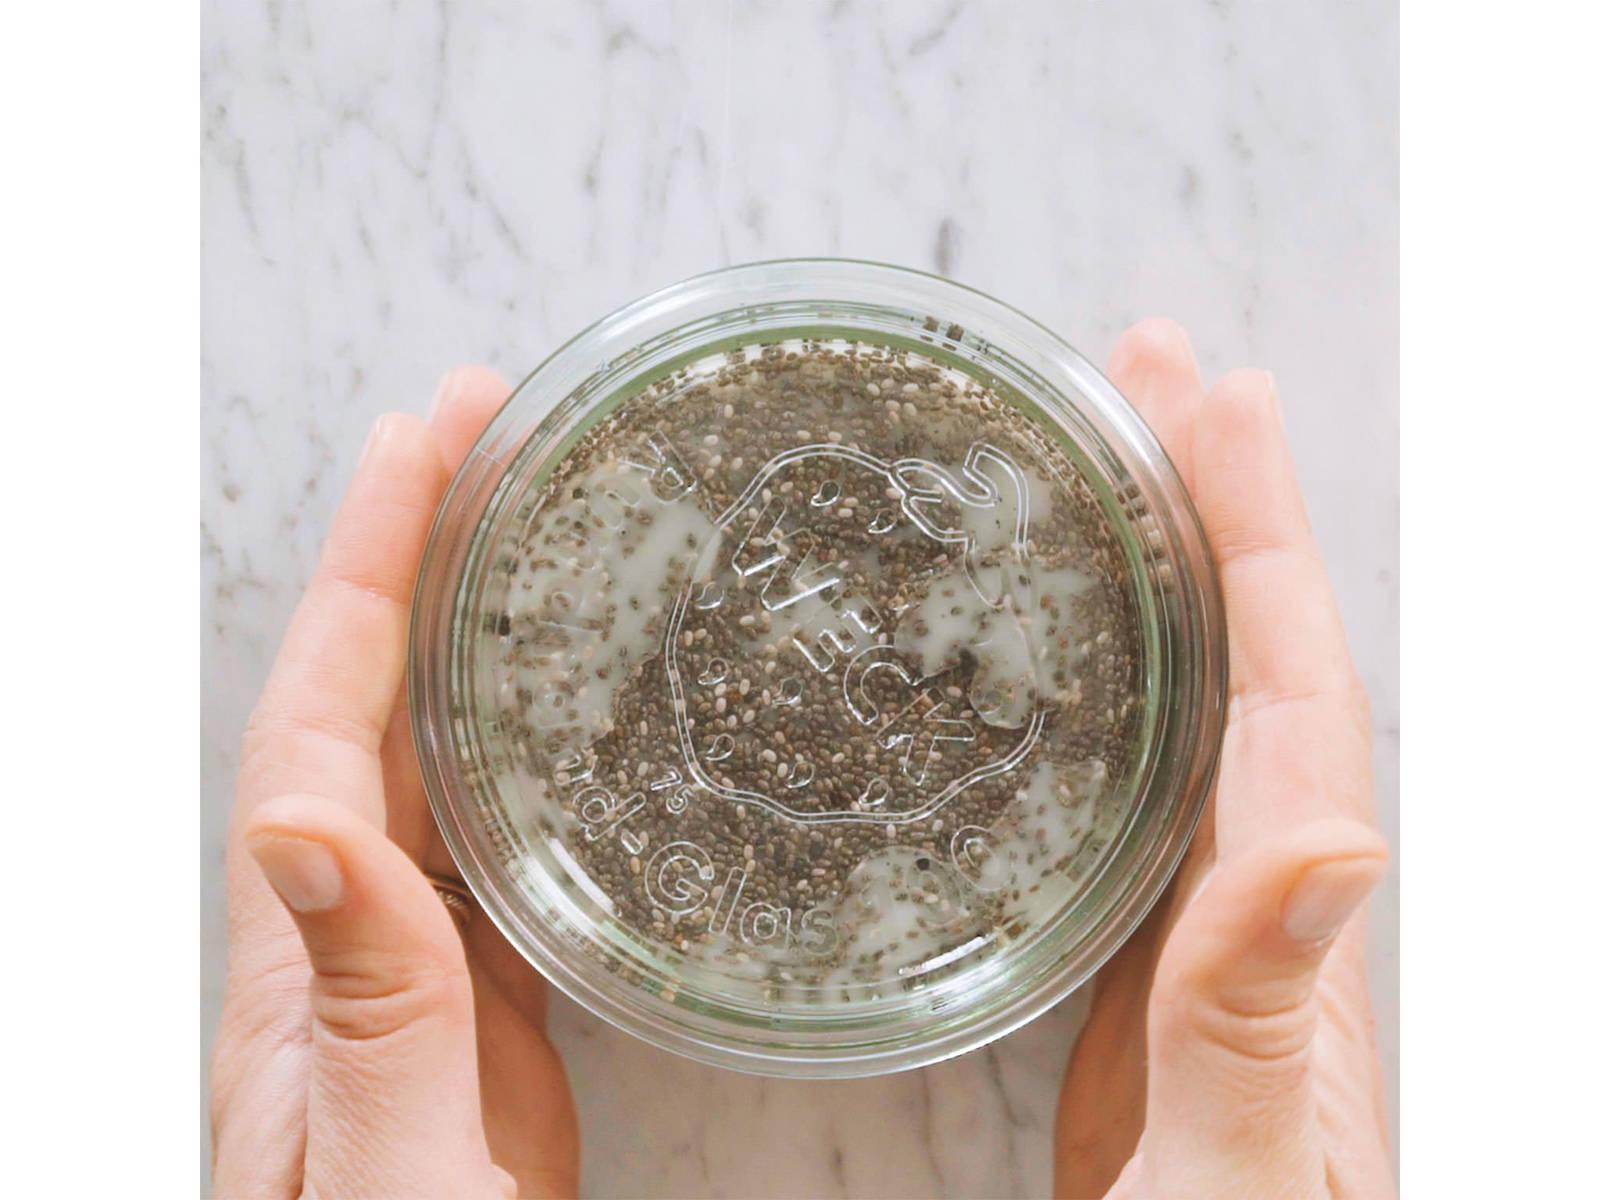 加入奇亚籽,搅拌混合。盖上盖子,放入冰箱冷藏过夜。